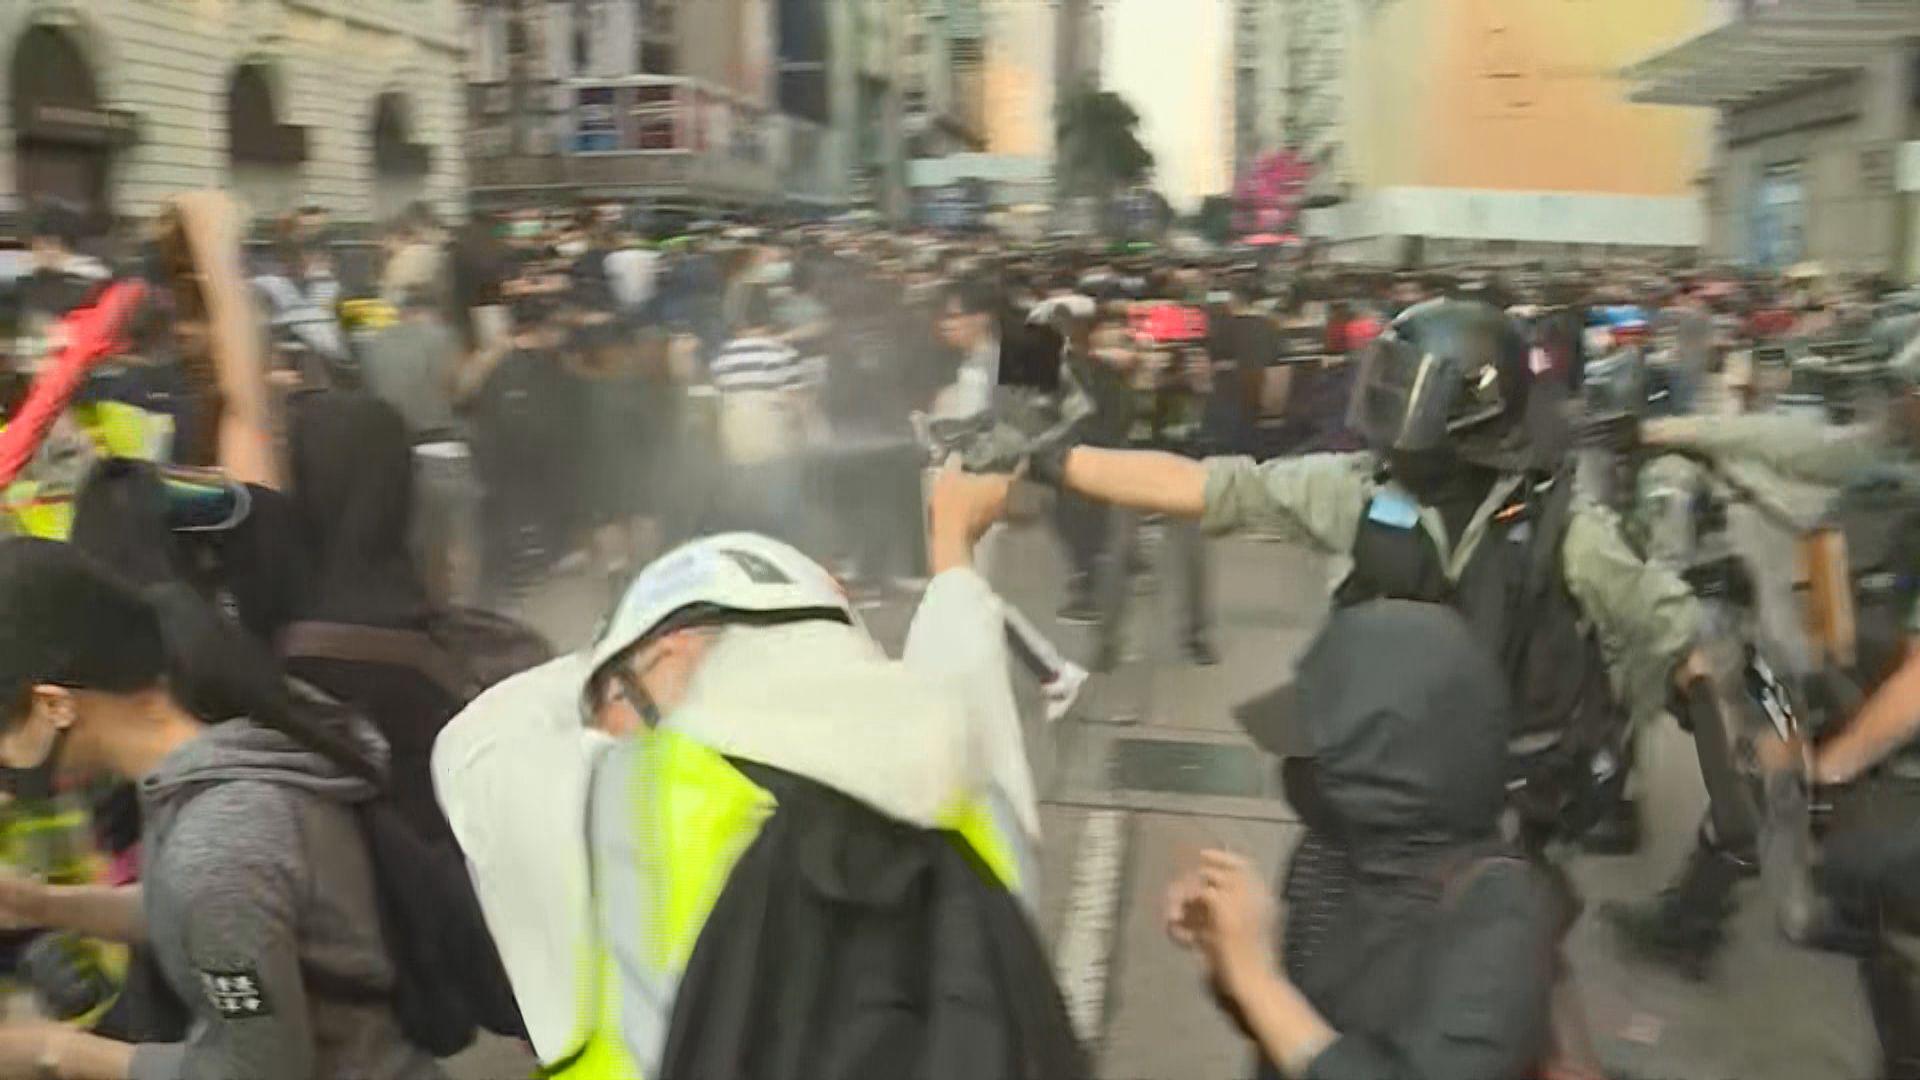 尖沙咀遊行市民迫出馬路 警施放胡椒噴霧